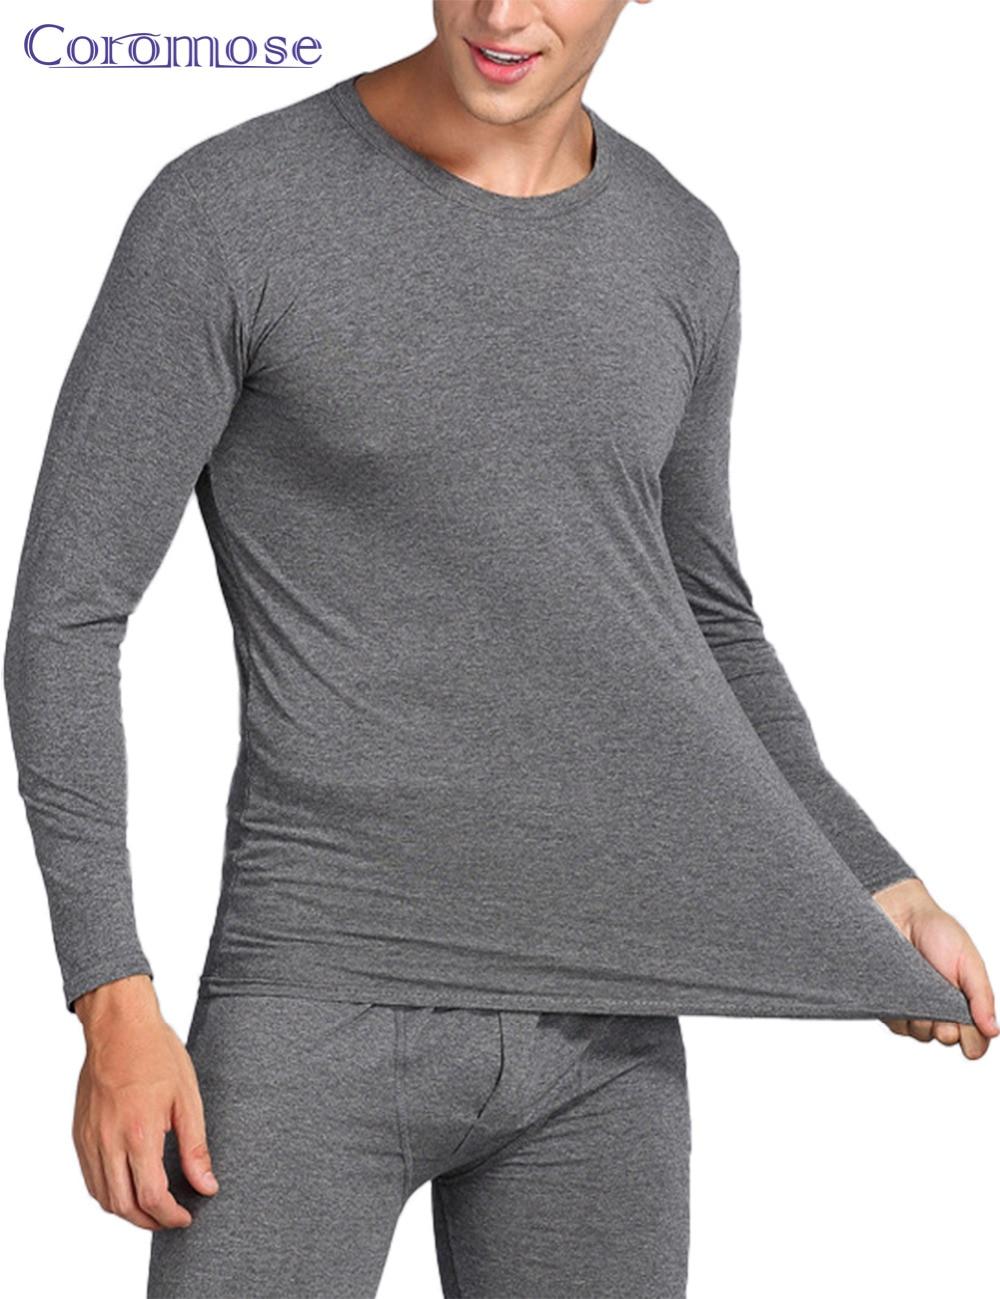 coromose winter men long johns mens thermal underwear sets. Black Bedroom Furniture Sets. Home Design Ideas